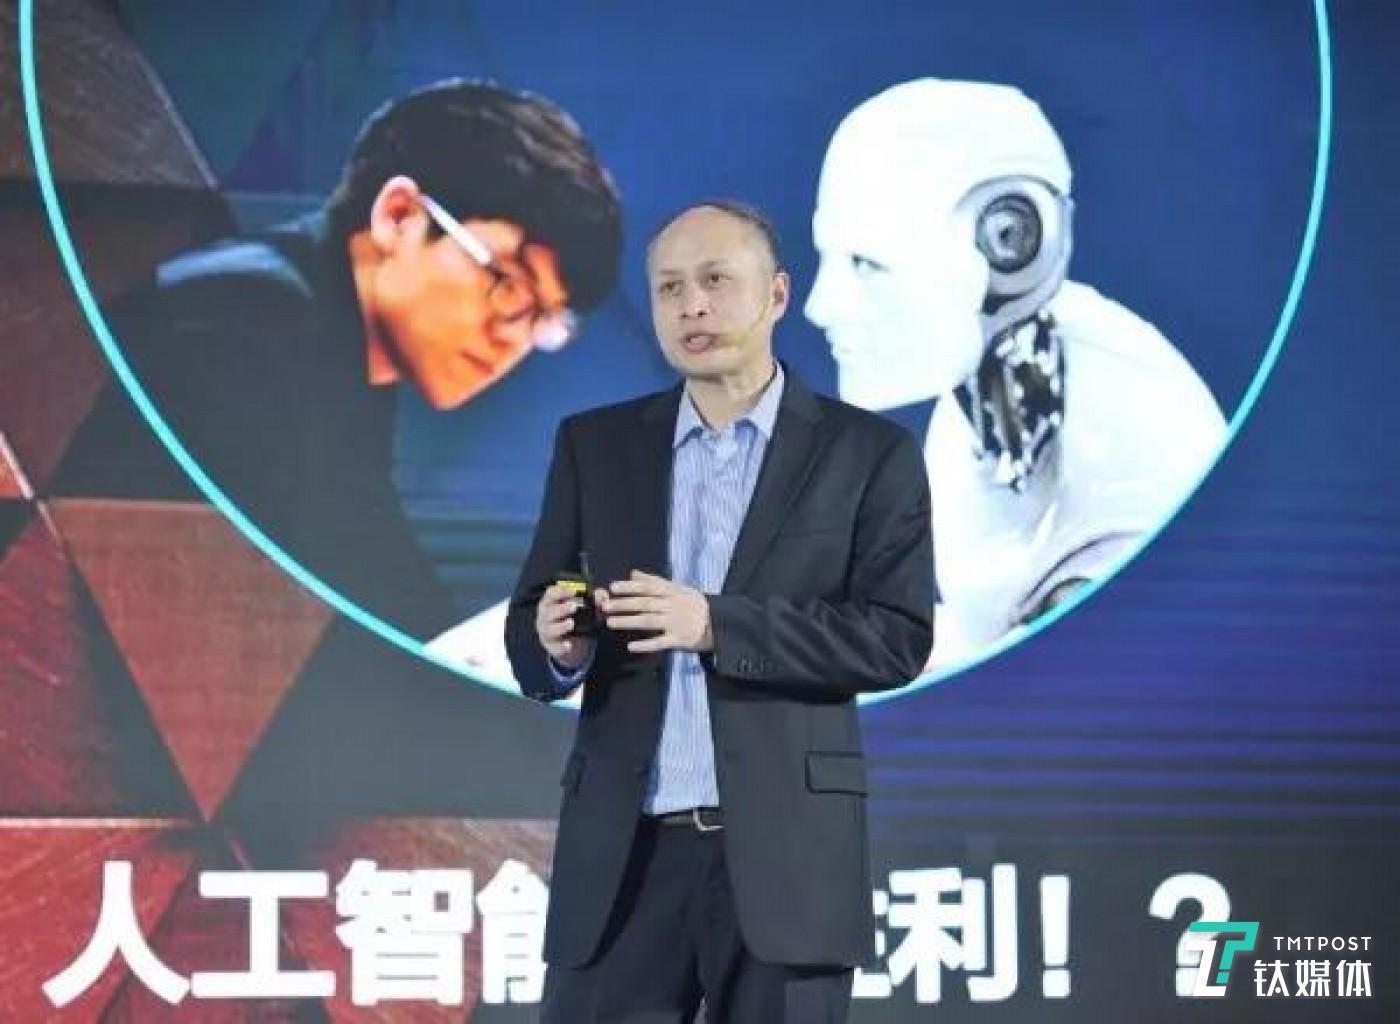 联想集团5G业务负责人、副总裁黄莹